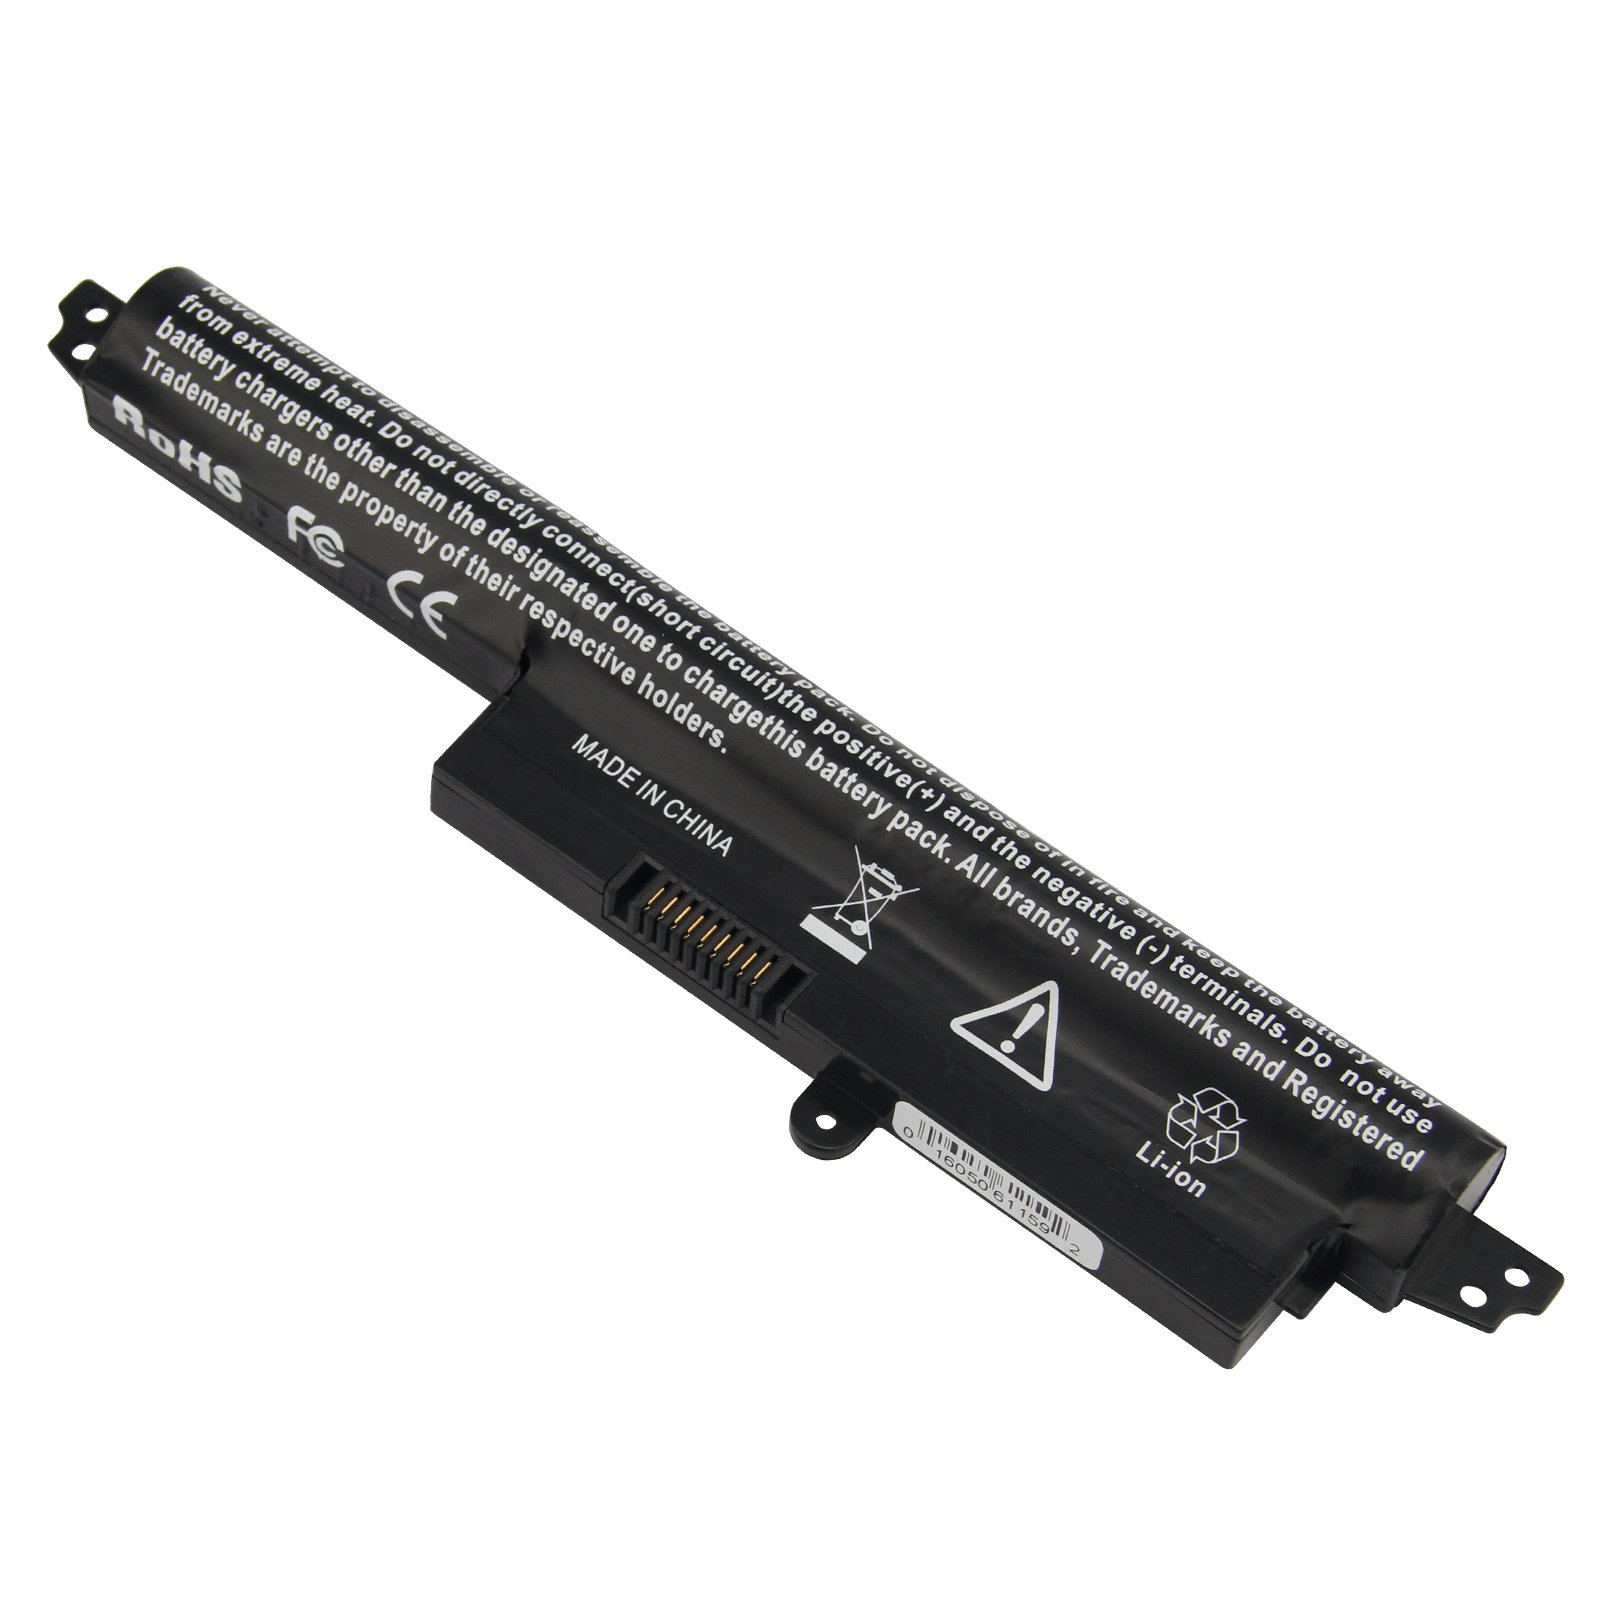 Bateria Para Asus Vivobook X200ca X200m X200ma F200ca 11.6 Series Ma Ultrabooks A3ini302 A31n1302 A31lmh2 A31lm9h 0b110-